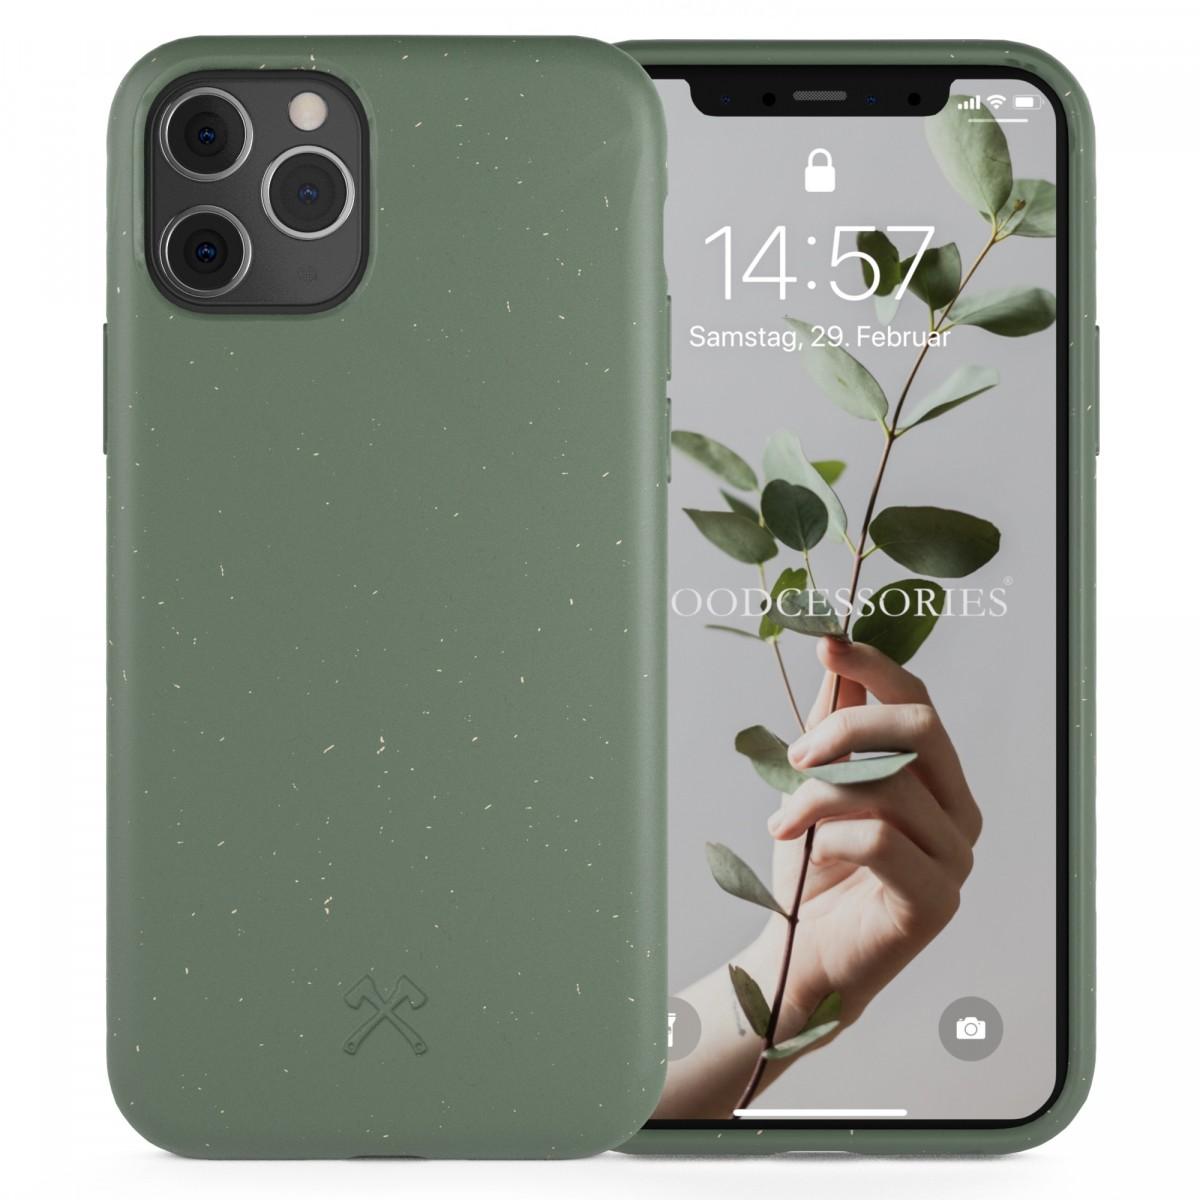 Woodcessories - Selbstreinigende iPhone Bio Hülle aus pflanzlichen Materialien - Kompostierbar &, Antibakteriell - Nacht Grün